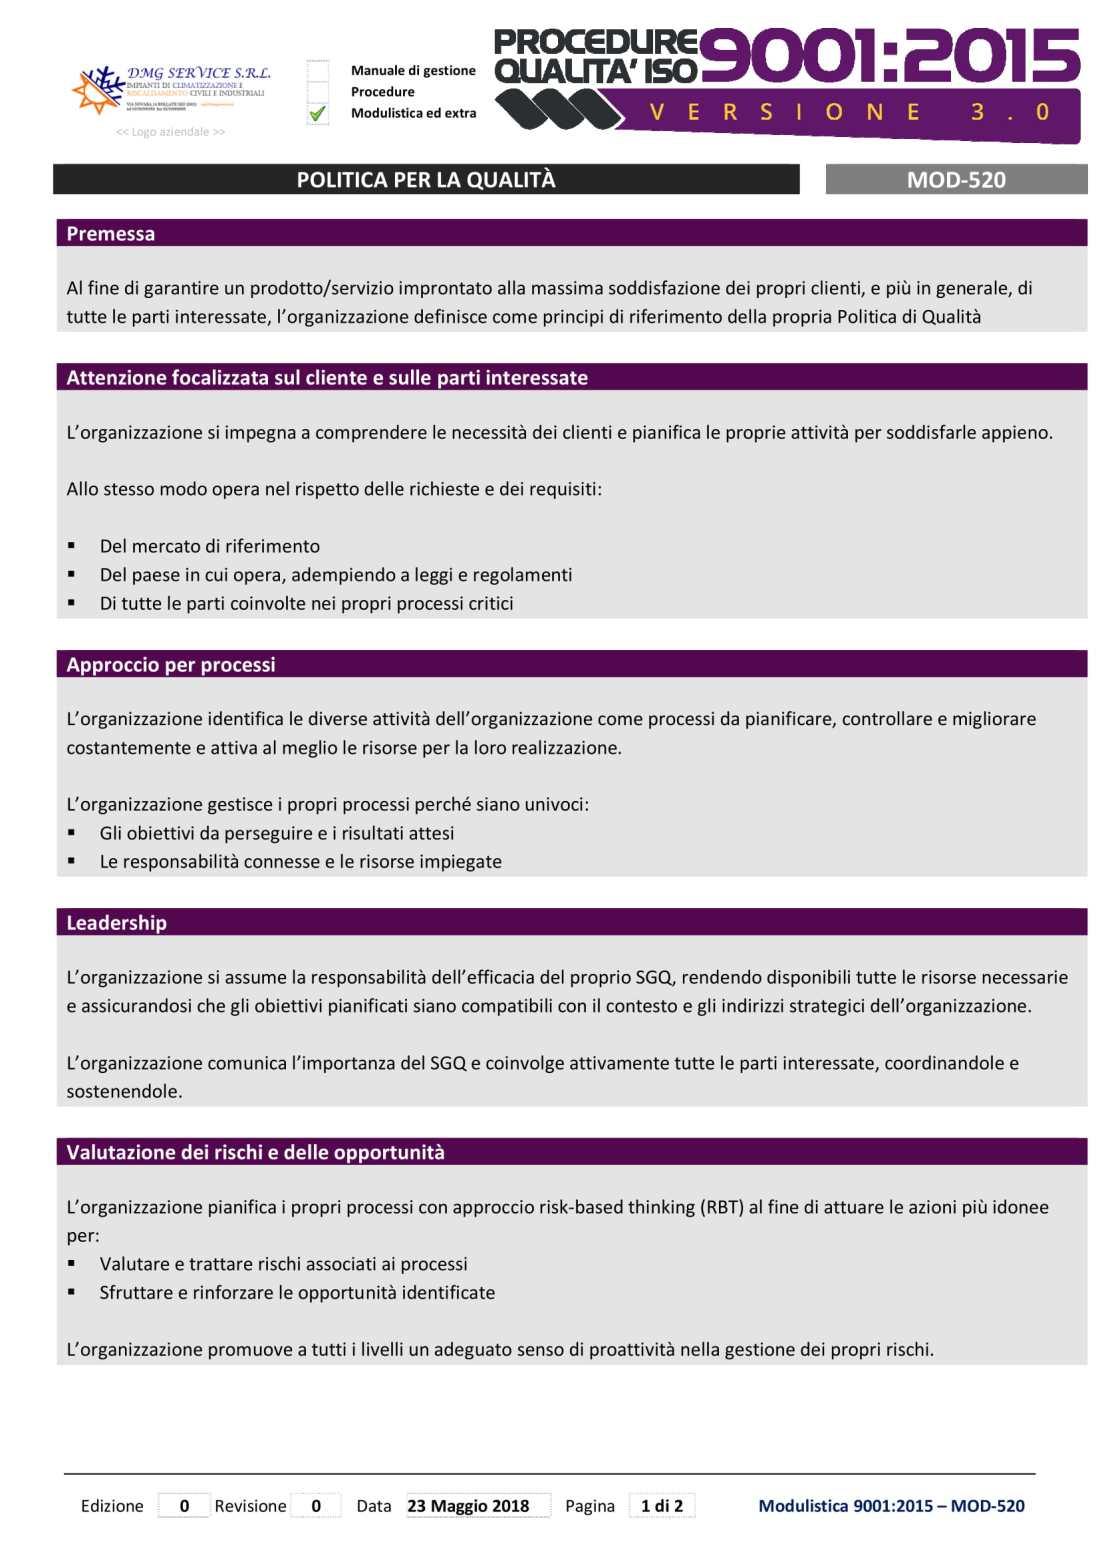 MOD-520-Politica per la qualità-ISO9001-2